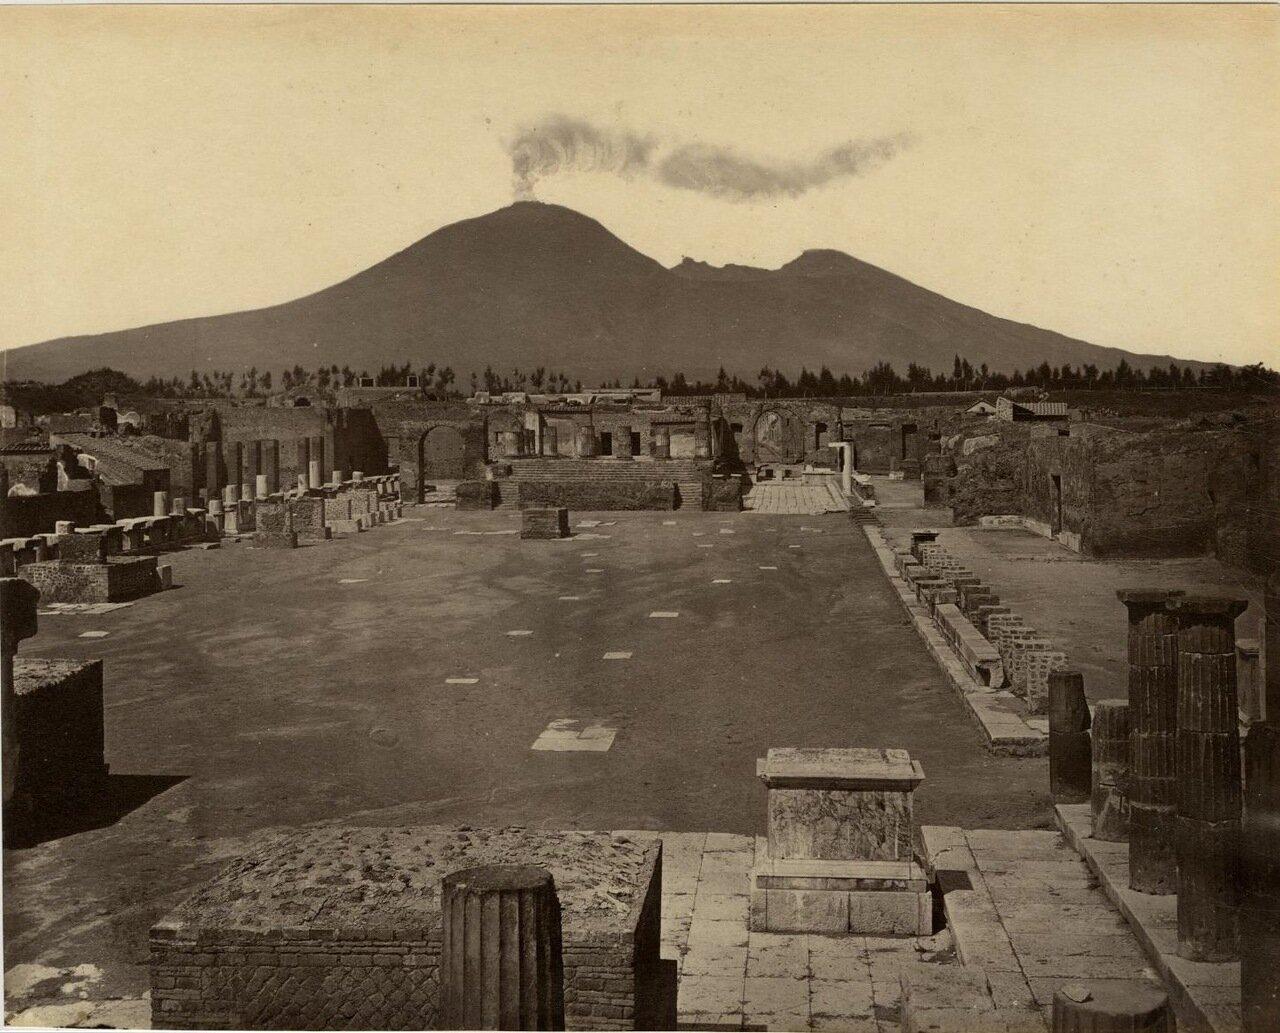 1880. Гражданский Форум на фоне активного Везувия